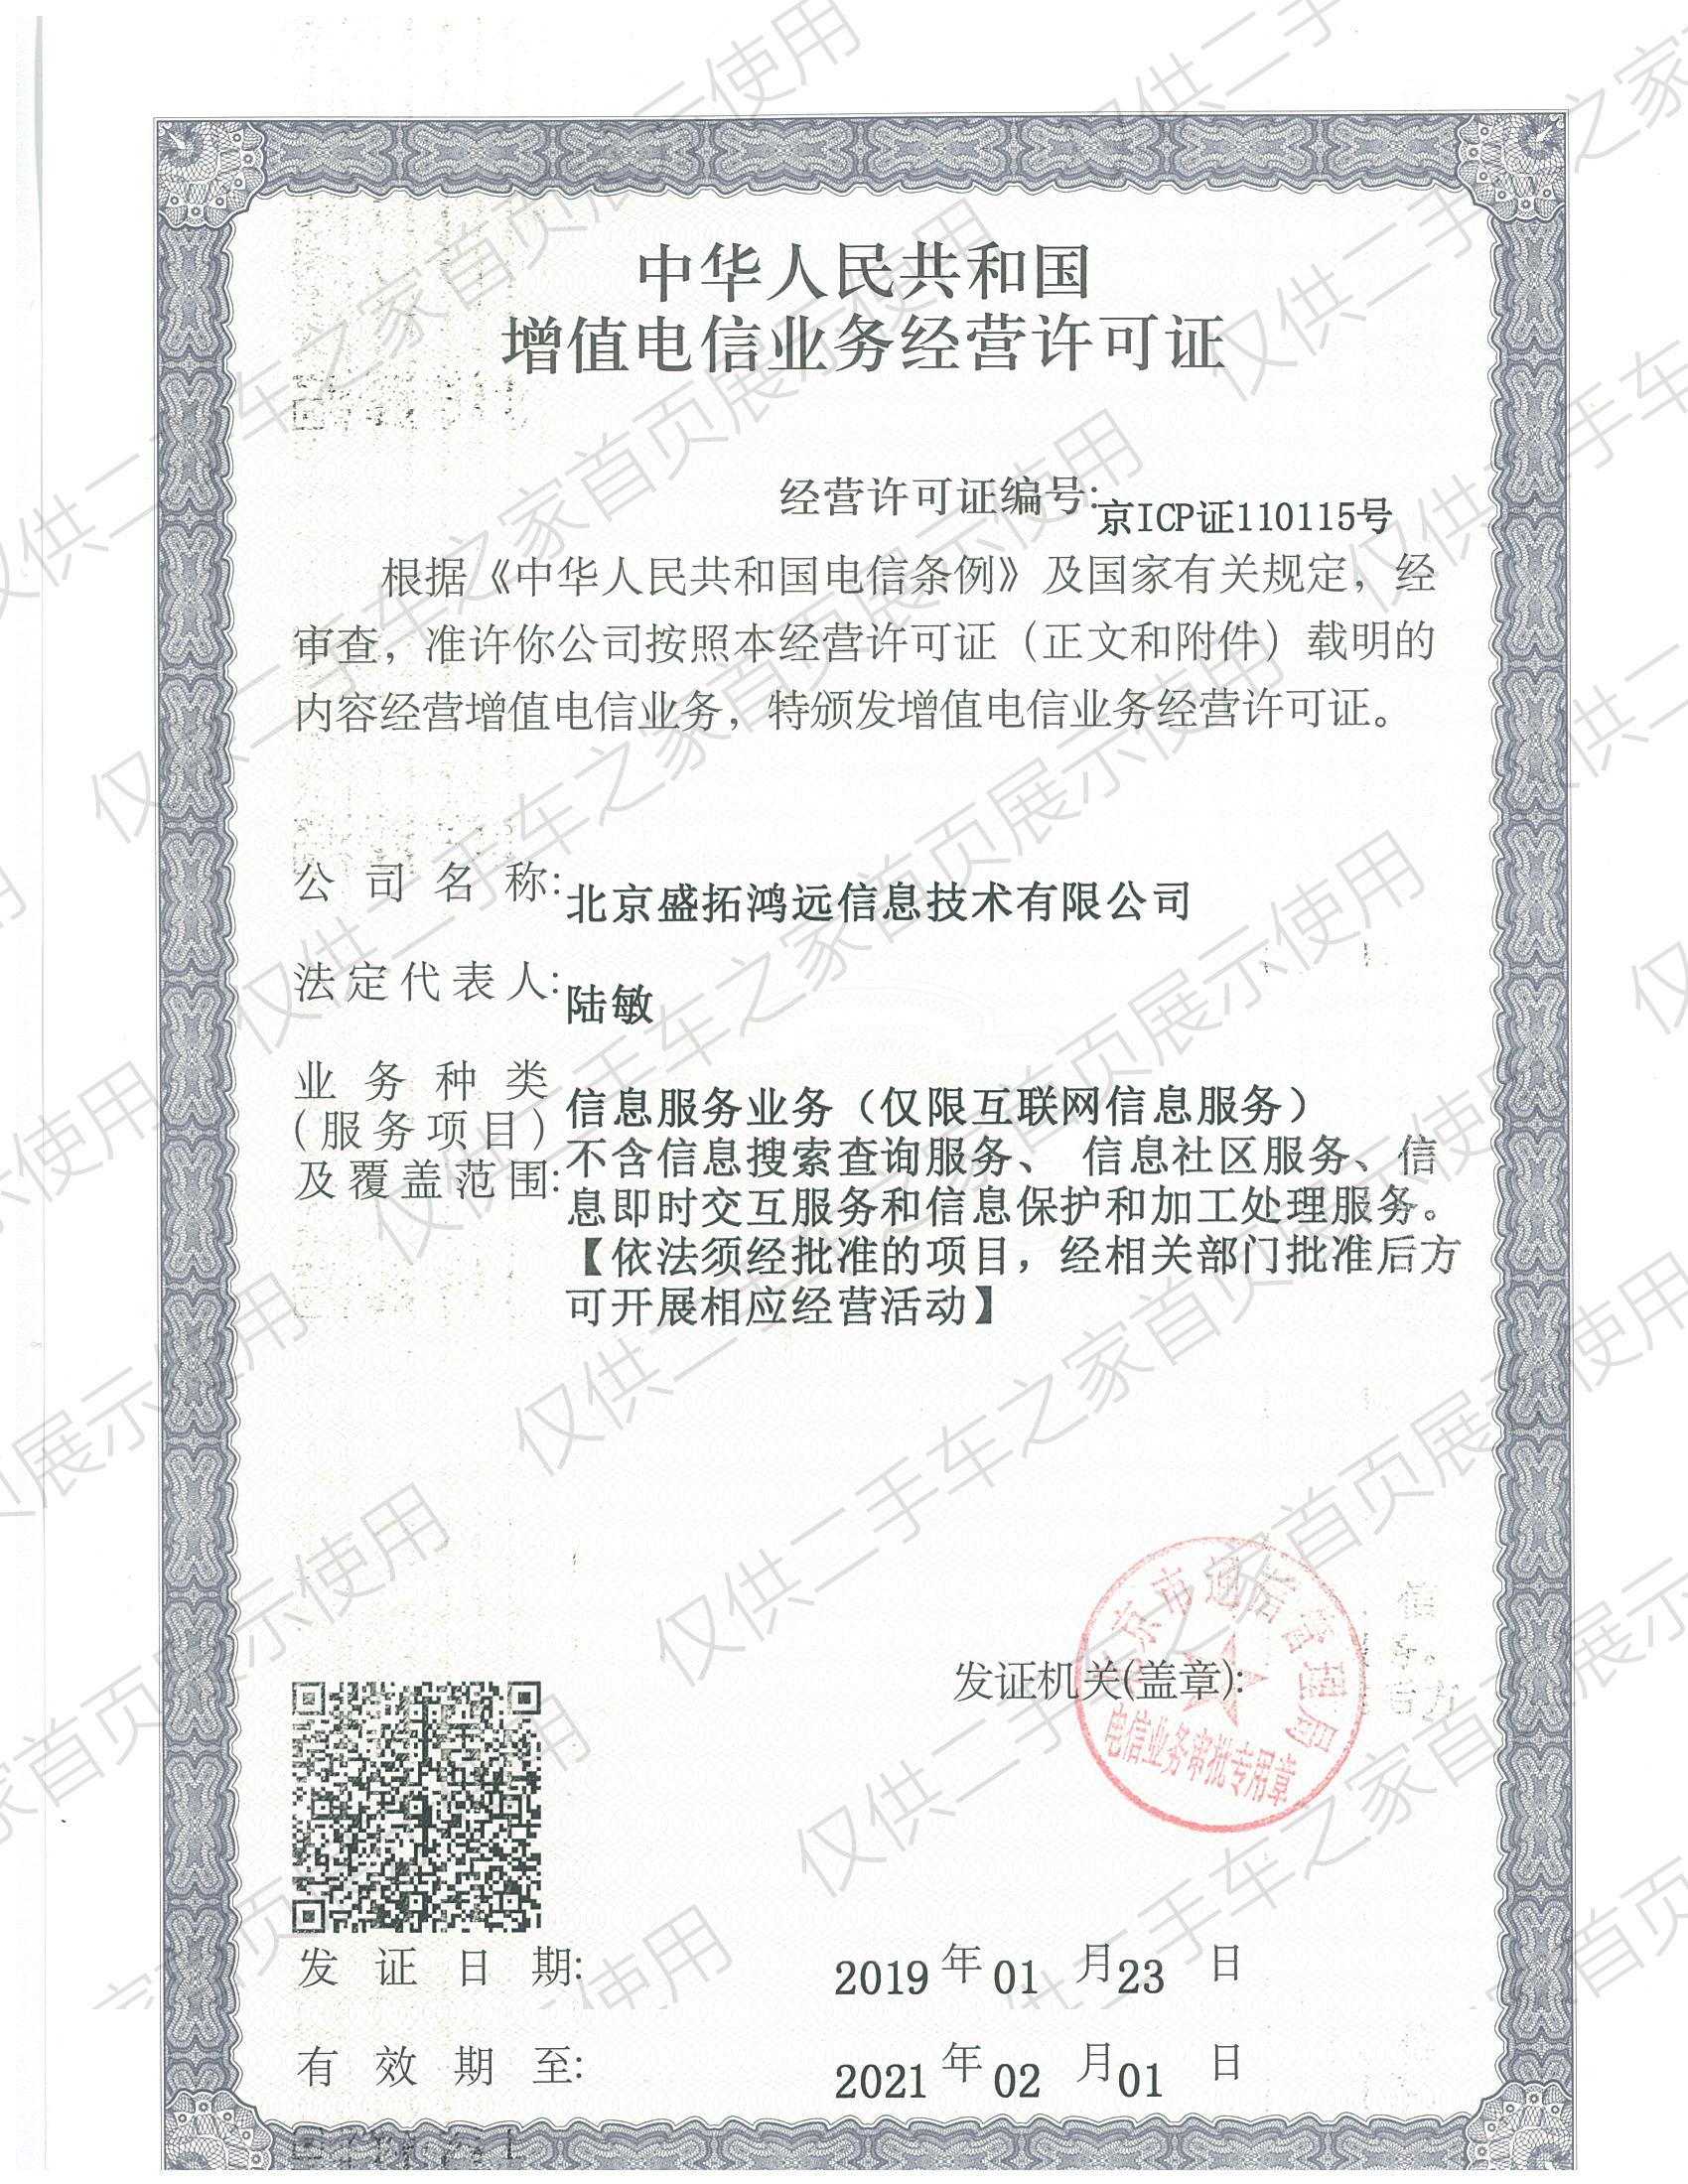 中华人民共和国电信与信息服务业务经营许可证